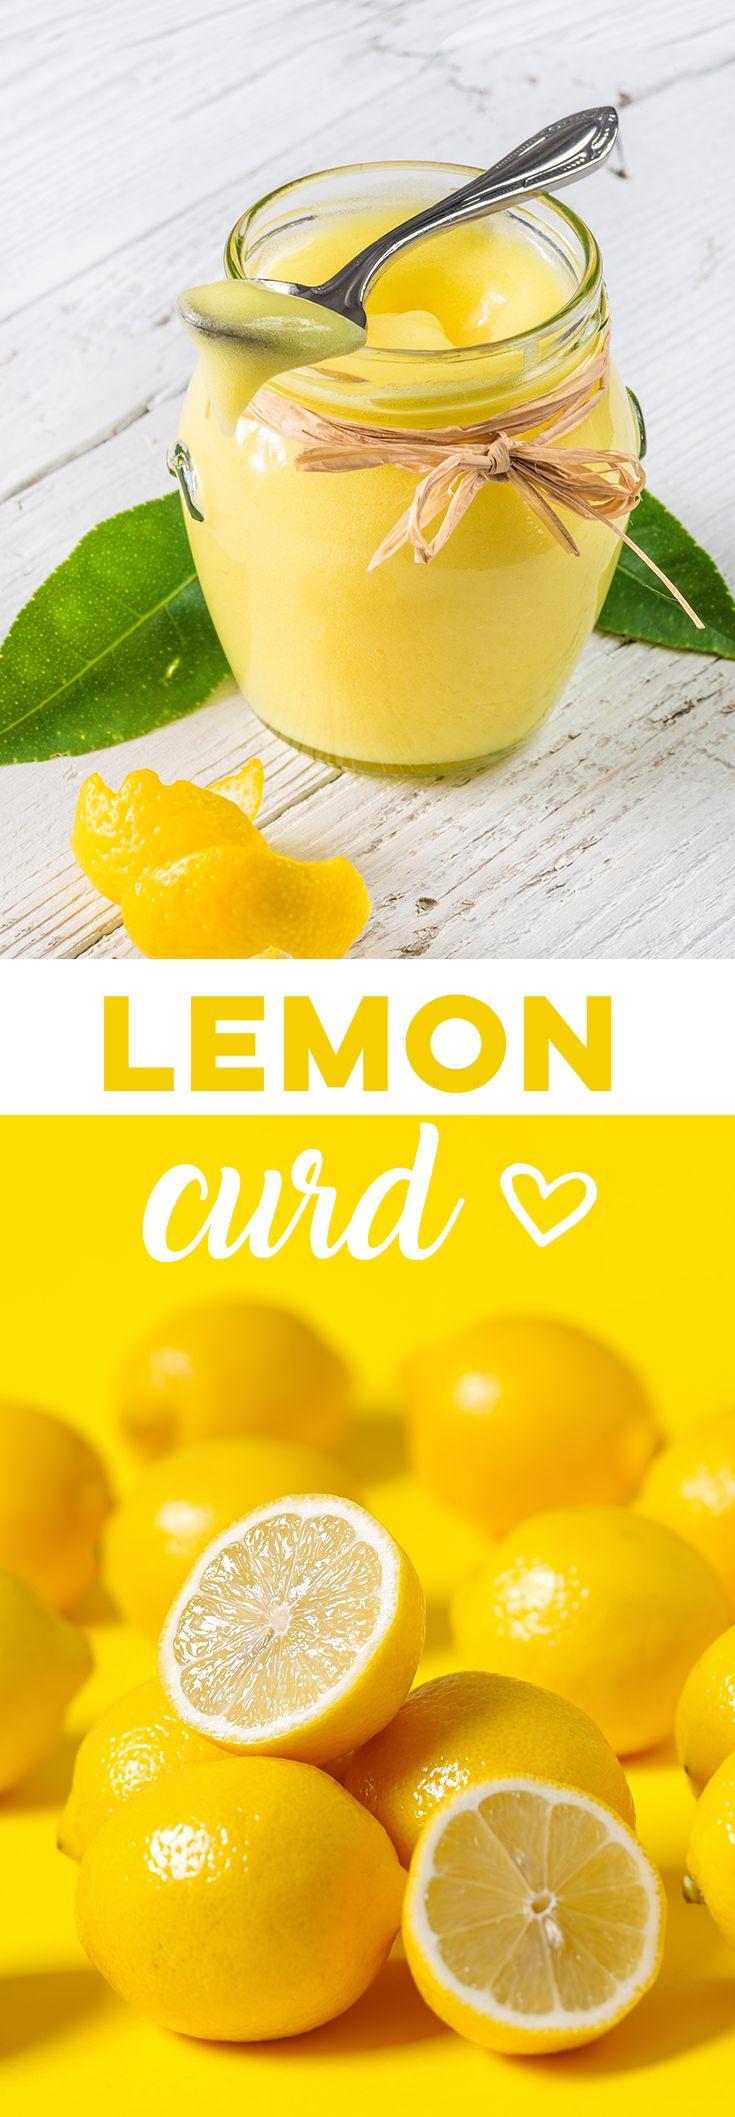 Easy lemon curd recipe, Lemon desserts, Lemon cake, Homemade lemon curd, Lemon recipes, Lemon cream